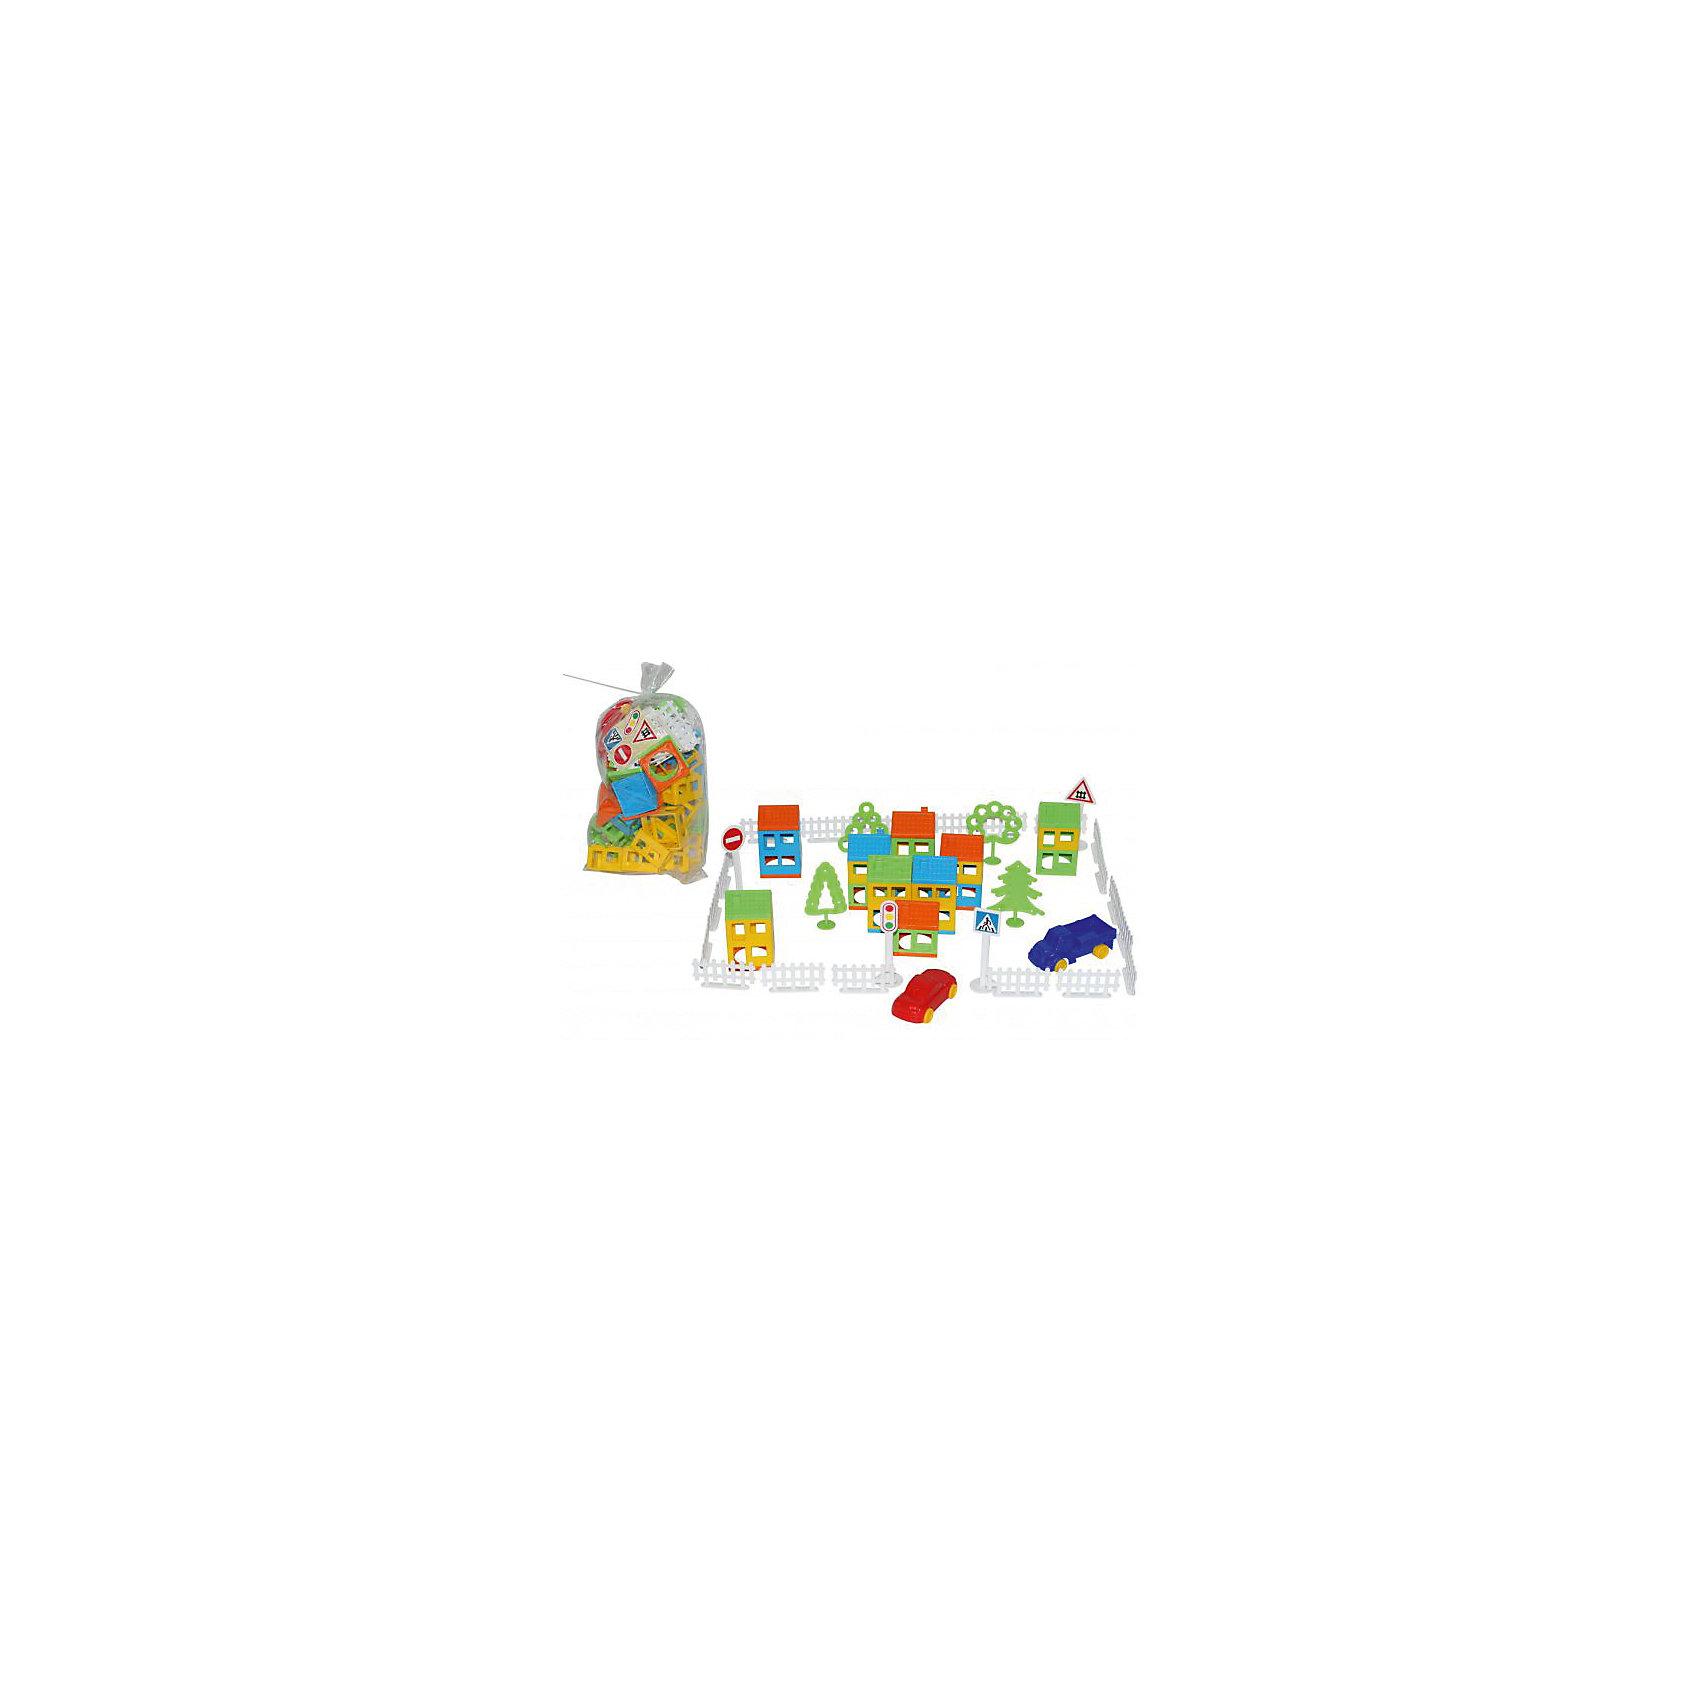 Конструктор Построй свой город, 92 дет., ПолесьеПластмассовые конструкторы<br>Конструктор Построй свой город, 92 дет., Полесье.<br><br>Характеристики:<br><br>- В наборе: детали конструктора, 2 машинки<br>- Количество деталей: 92 штуки<br>- Материал: высококачественная пластмасса<br>- Размер базовой детали-этажа: 4,7х4,7х3 см.<br>- Длина машинки: 8,5 см.<br>- Размер упаковки: 30x18x14 см.<br>- Упаковка: пакет<br><br>Конструктор Построй свой город станет отличным подарком для ребенка, ведь малыш теперь сам сможет построить город своей мечты. Конструктор включает в себя всё, что нужно для создания города - строительные элементы (стены, крыши), светофор, 3 дорожных знака, 2 автомобиля, детали для постройки забора, 4 дерева. Город, созданный малышом, может стать удивительной площадкой для веселых игр. Все детали выполнены из качественной пластмассы, и окрашены пищевыми красителями. С этим конструктором ребёнок откроет для себя интересный мир моделирования, а также сможет развить фантазию, пространственное мышление и мелкую моторику рук.<br><br>Конструктор Построй свой город, 92 дет., Полесье можно купить в нашем интернет-магазине.<br><br>Ширина мм: 160<br>Глубина мм: 120<br>Высота мм: 240<br>Вес г: 600<br>Возраст от месяцев: 36<br>Возраст до месяцев: 96<br>Пол: Унисекс<br>Возраст: Детский<br>SKU: 4763448